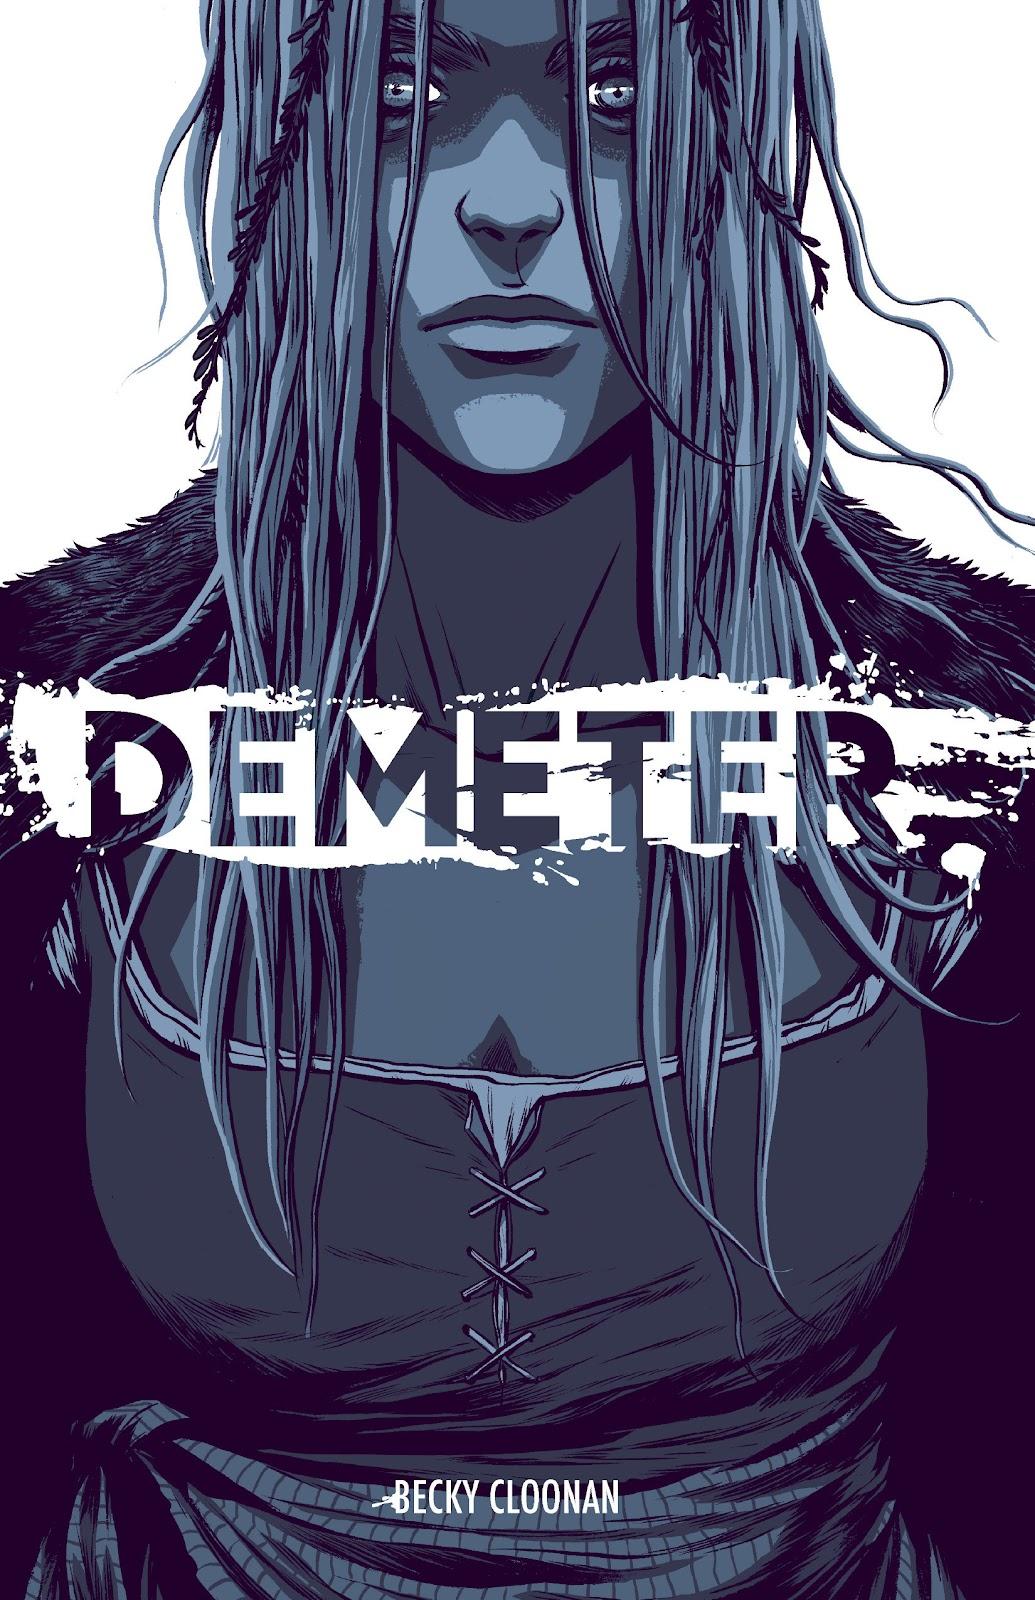 Read online Demeter comic -  Issue # Full - 1